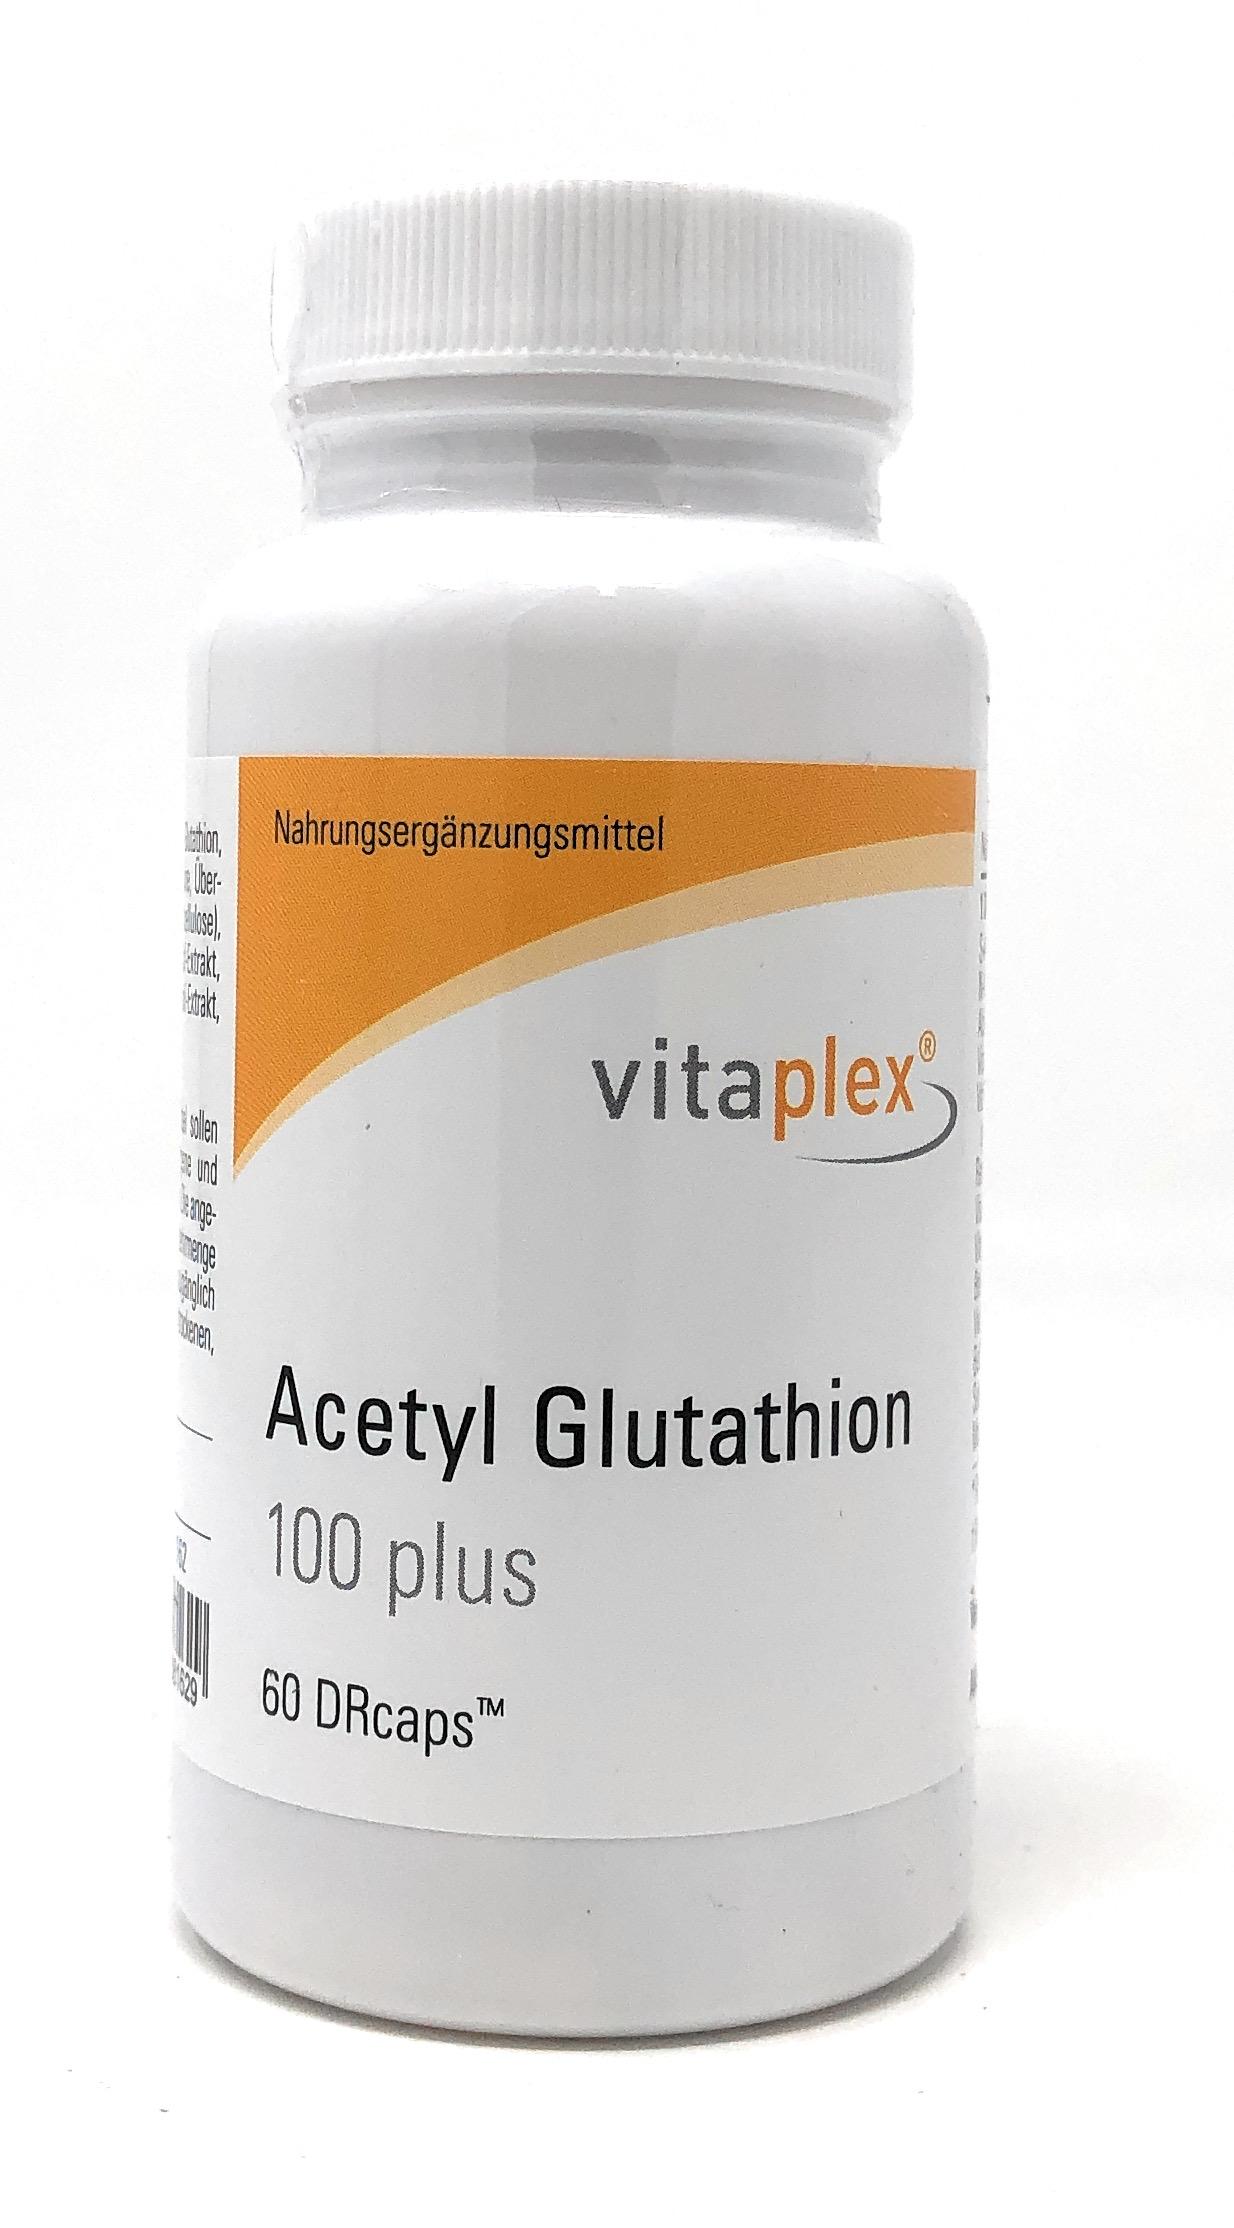 Vitaplex Acetyl Glutathion 100 plus 60 DRcaps